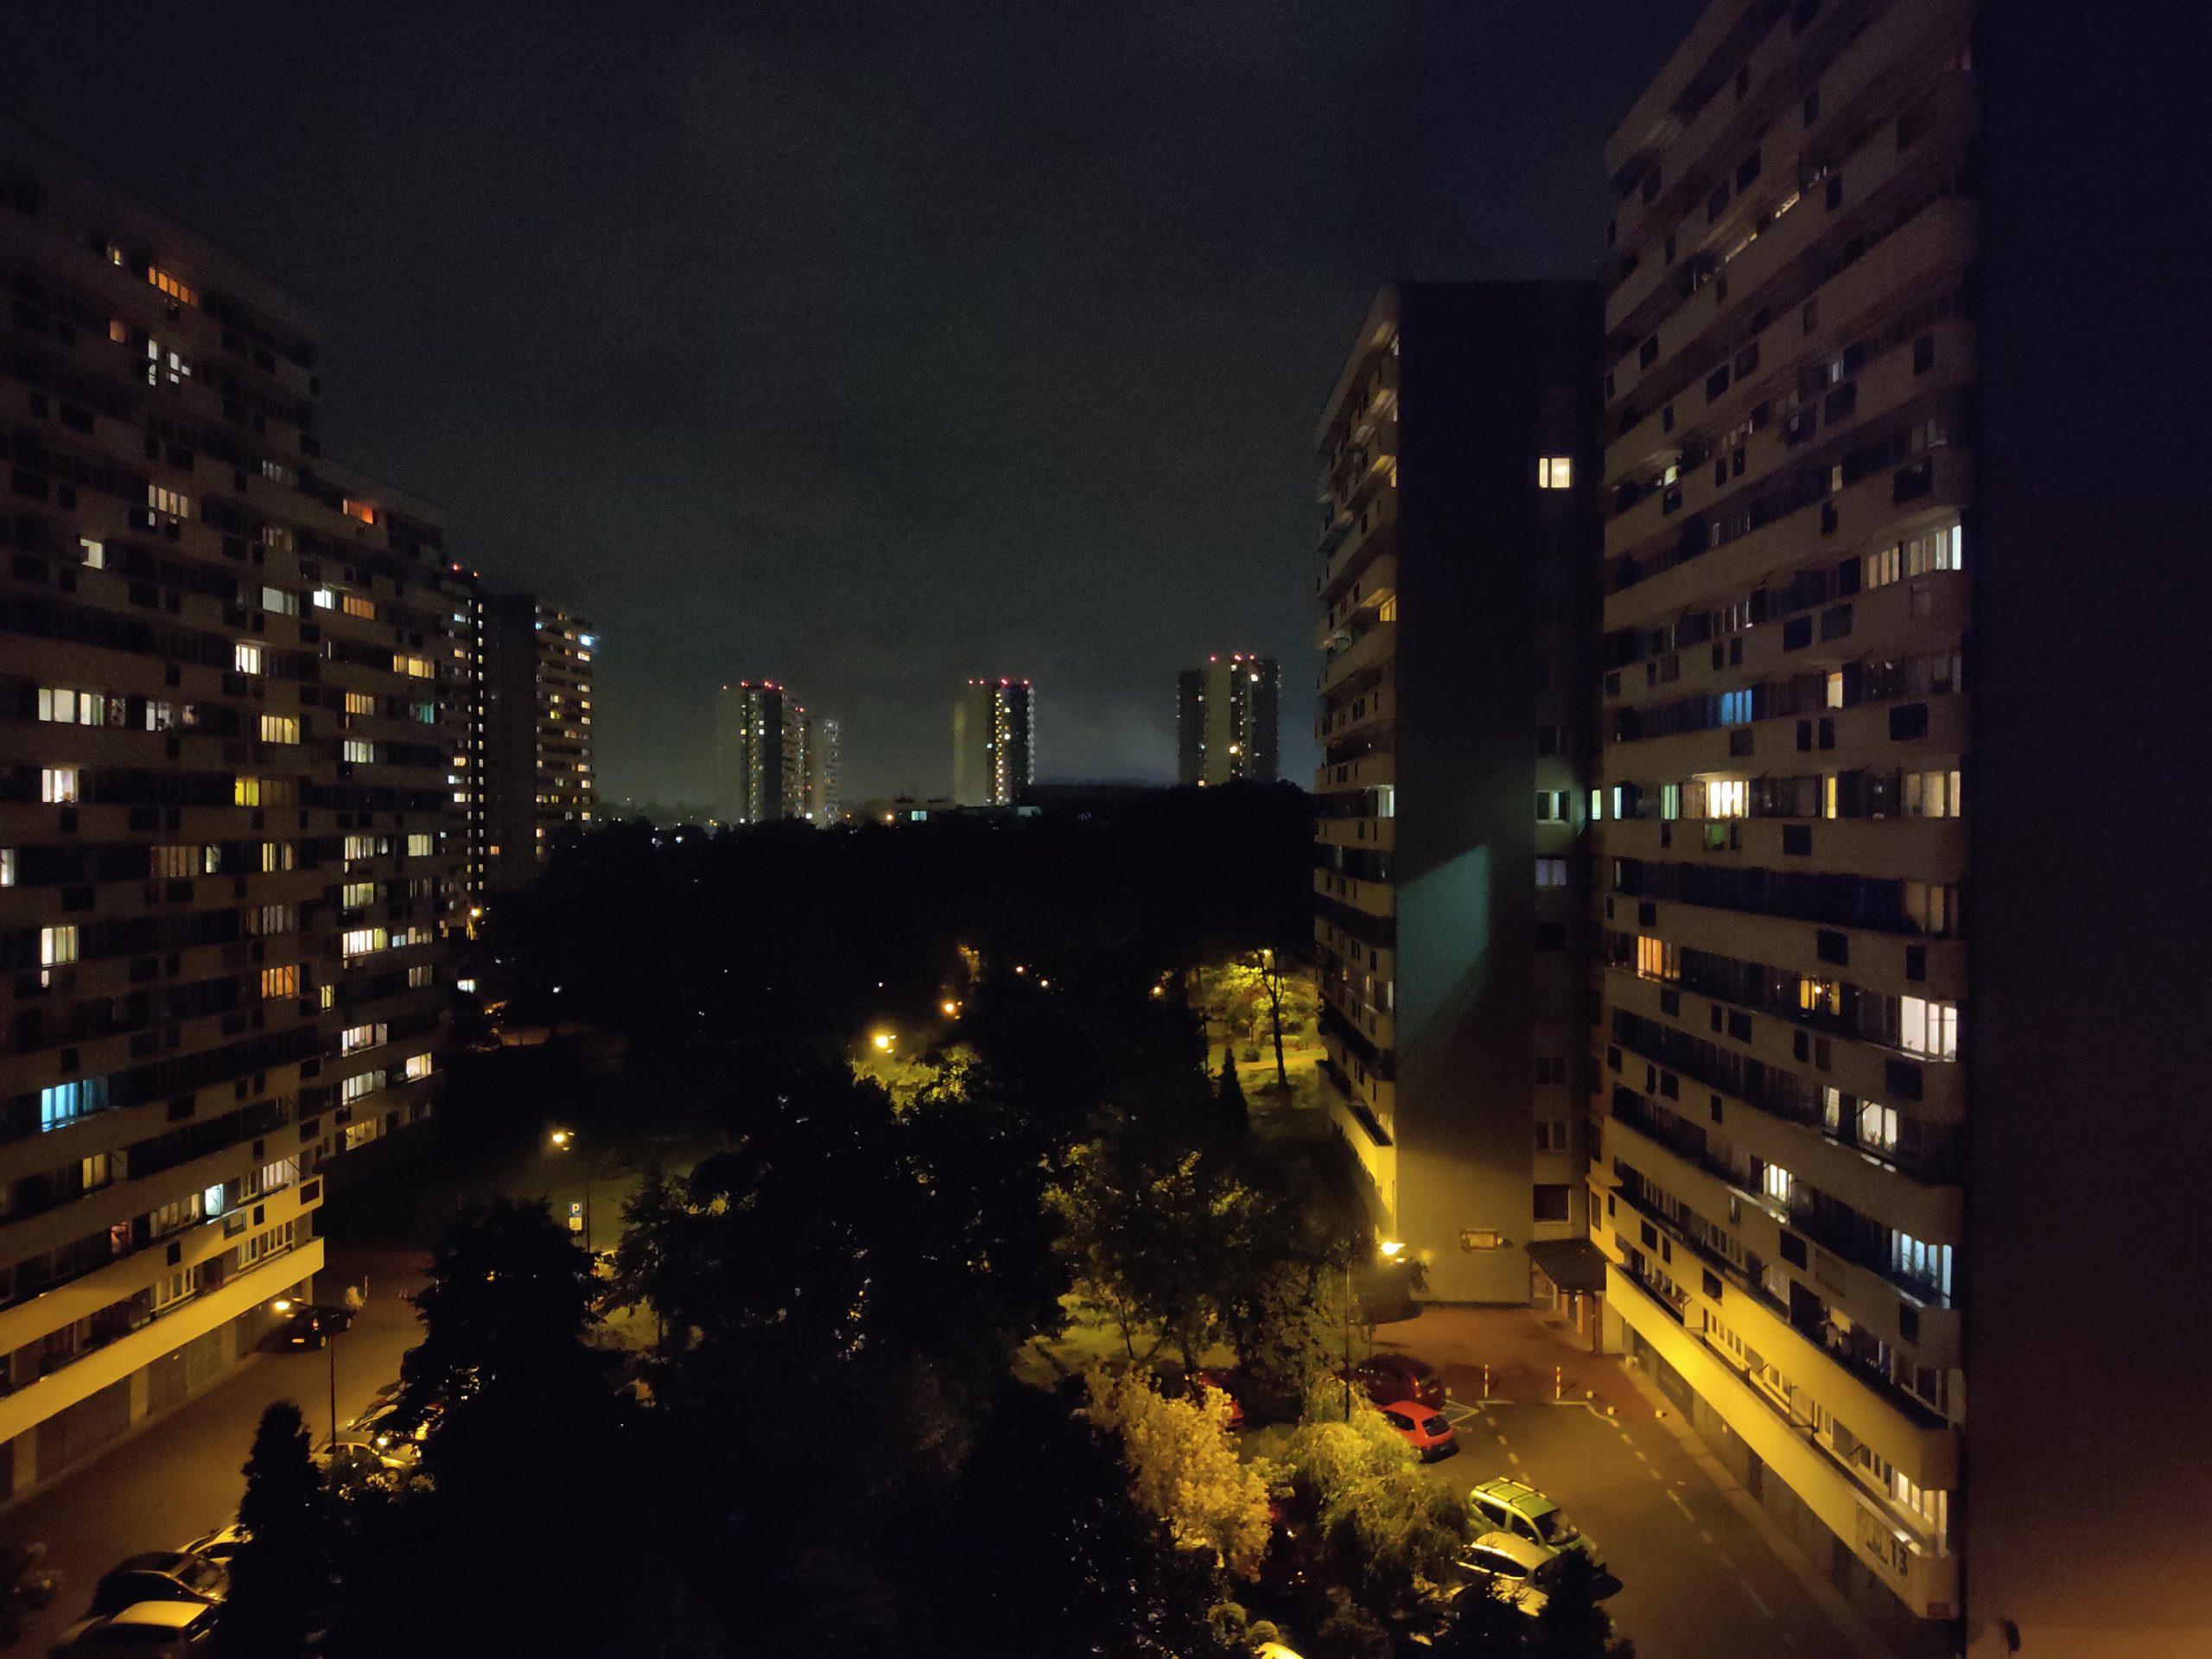 Zdjęcia nocne - Xiaomi Redmi Note 9s